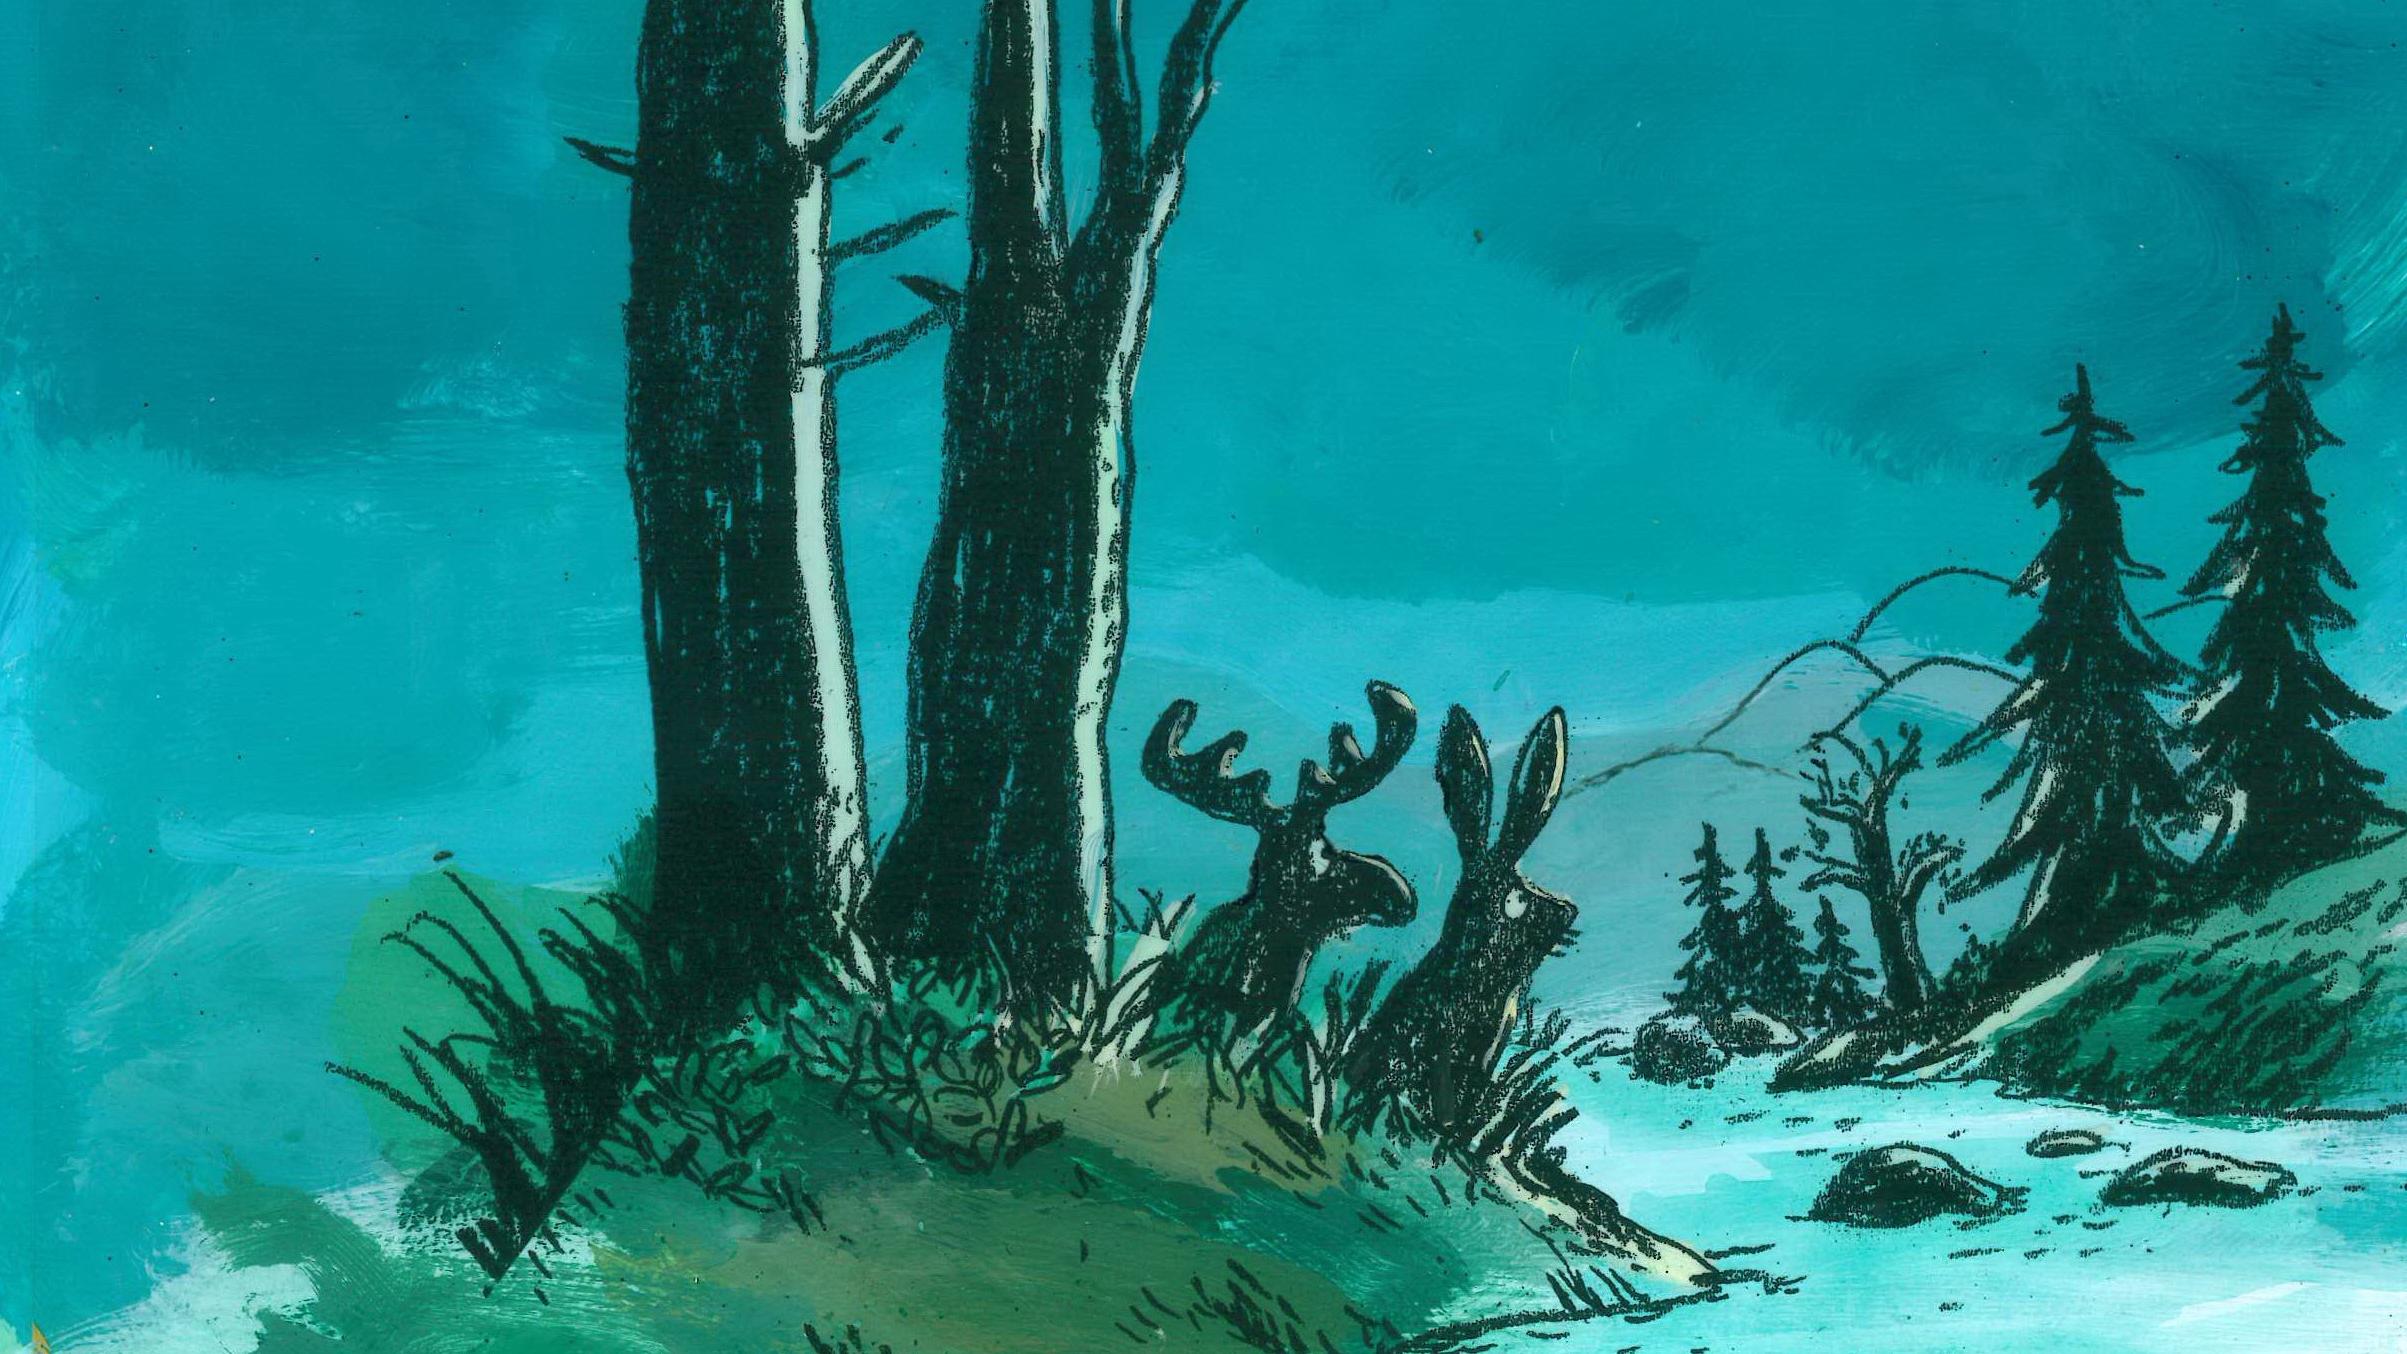 """Illustration zum Kinderbuch """"Erkki, der kleine Elch"""" von Katja Gehrmann © Illustration zum Kinderbuch """"Erkki, der kleine Elch"""", Zeichnung © Katja Gehrmann"""